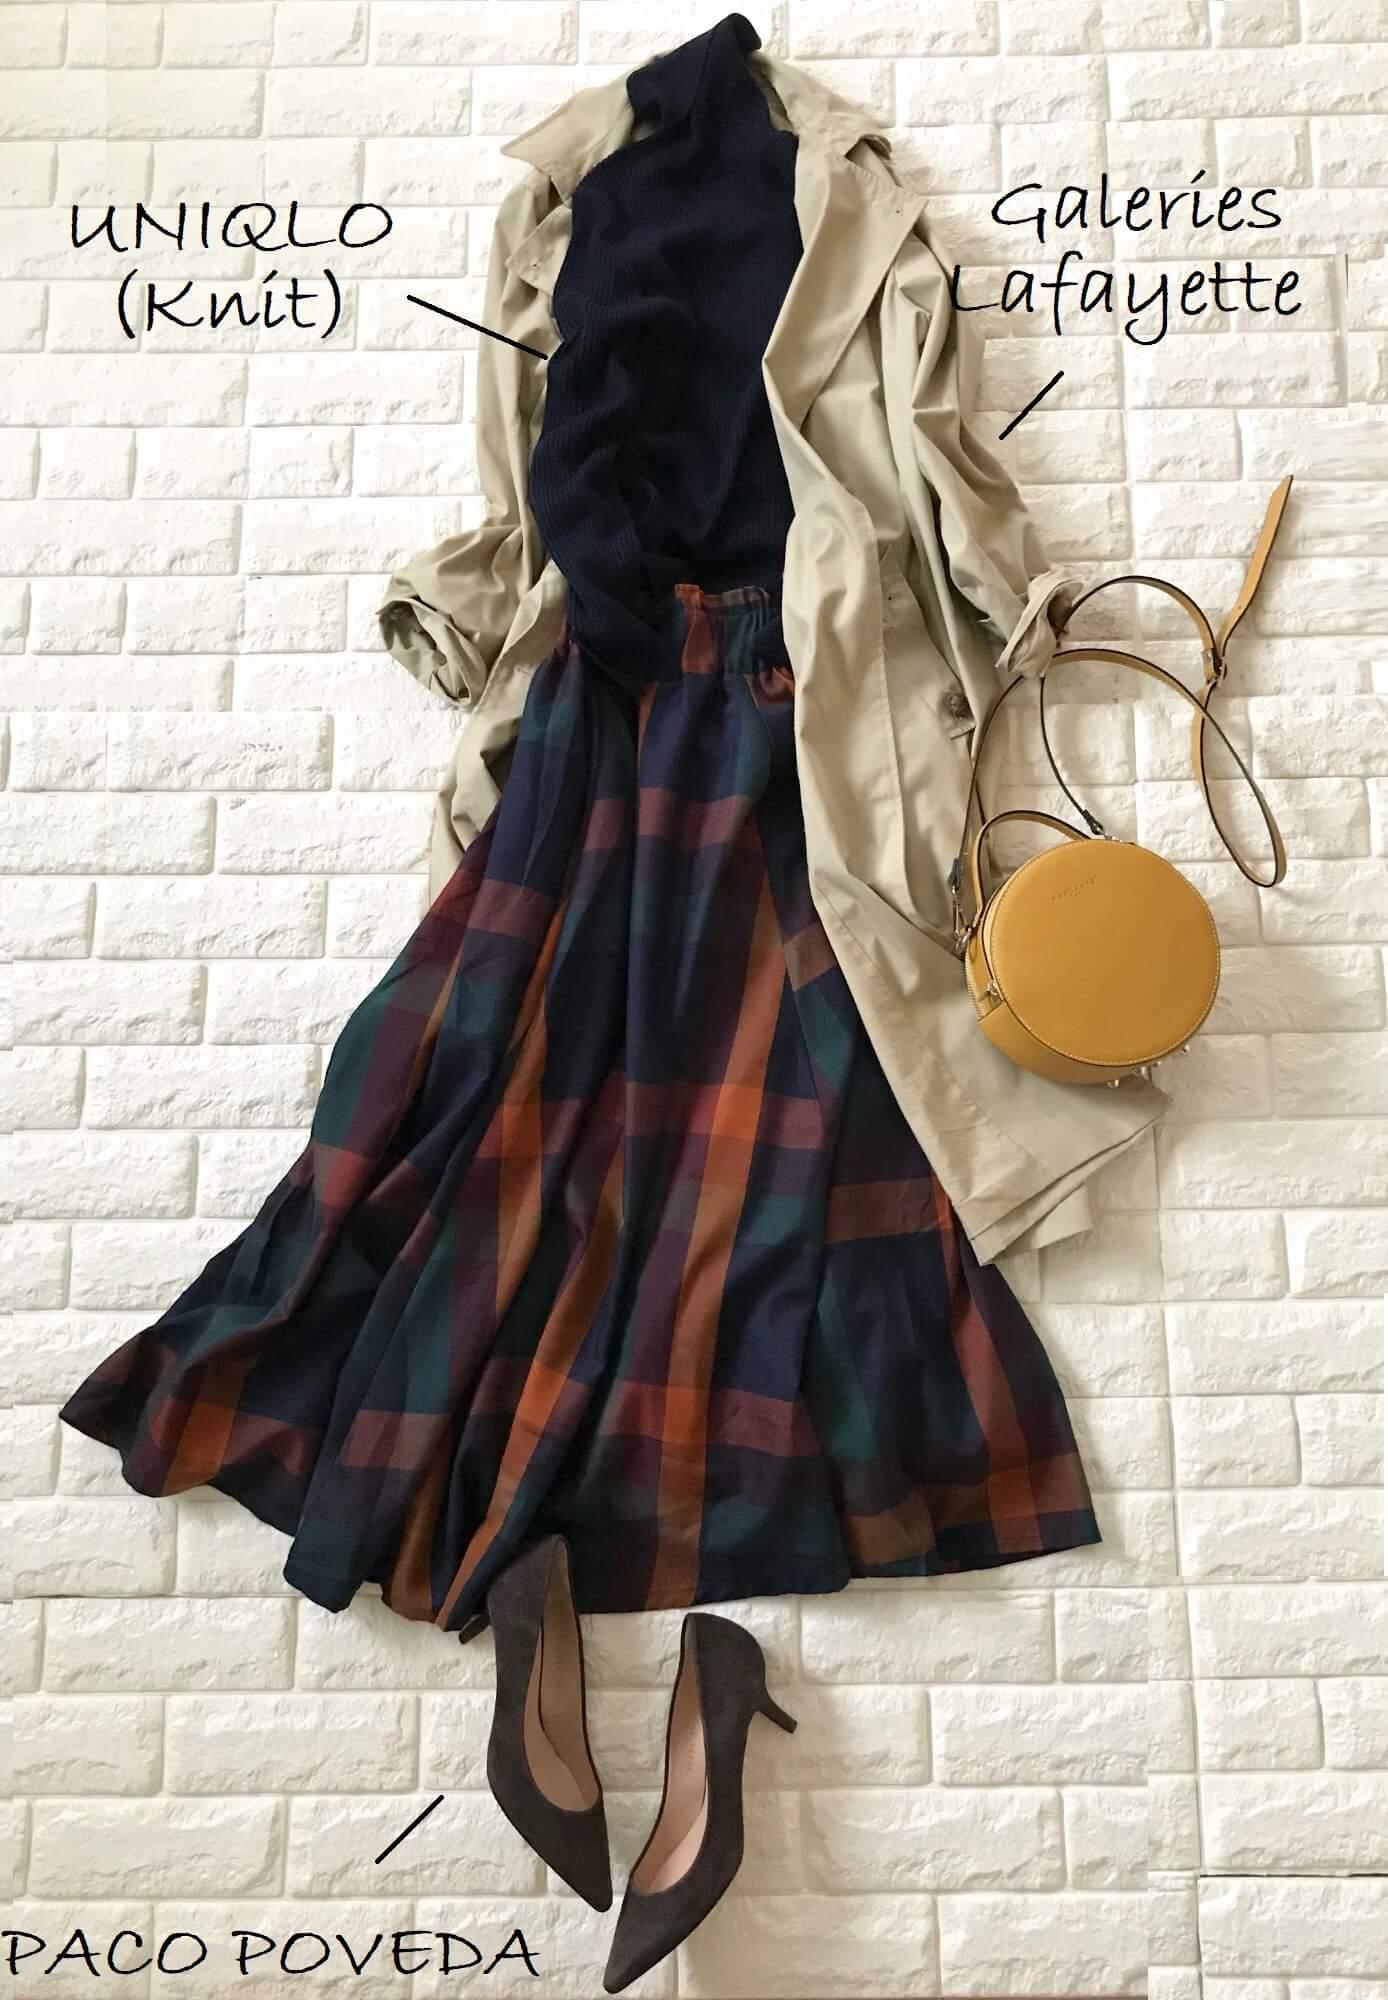 tiptopのチェック柄スカートとトレンチコートを合わせた画像